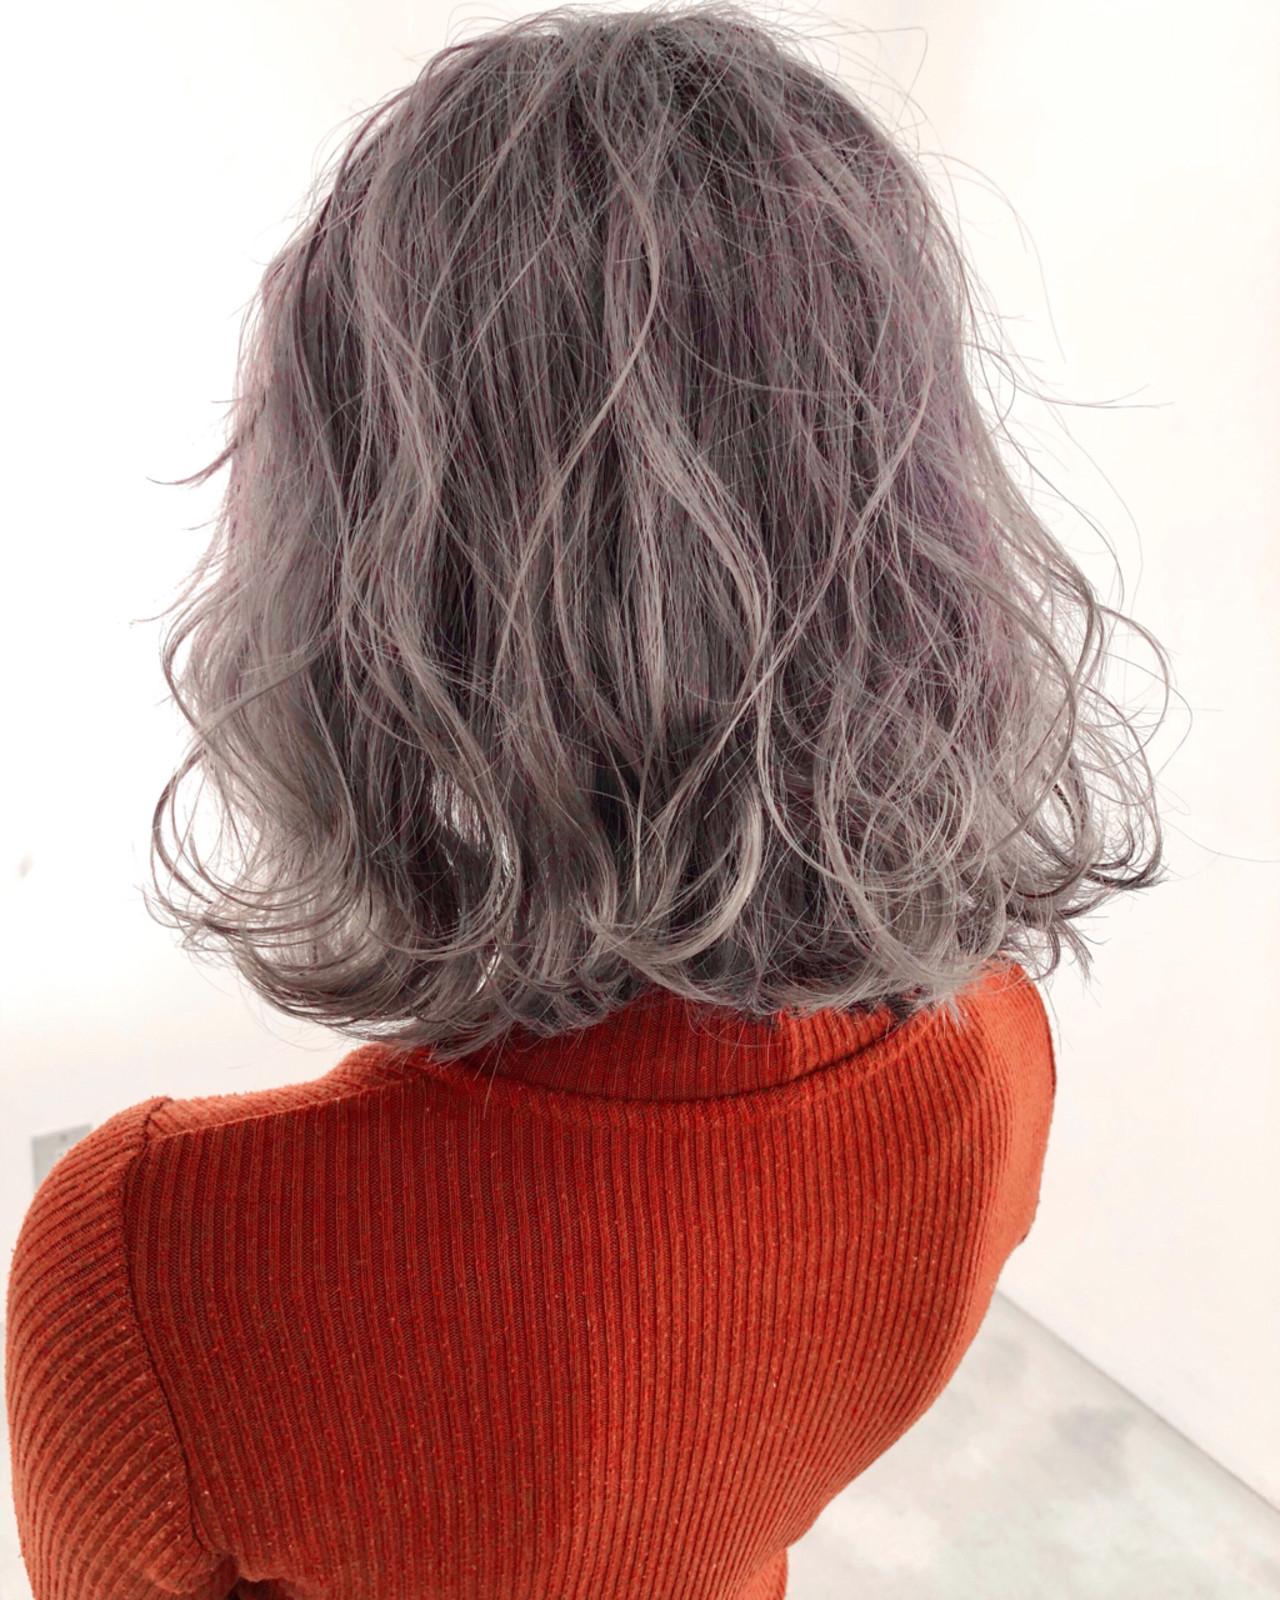 ハイライト アンニュイ 外国人風 ショート ヘアスタイルや髪型の写真・画像 | 白川 知博 / KEYMAN